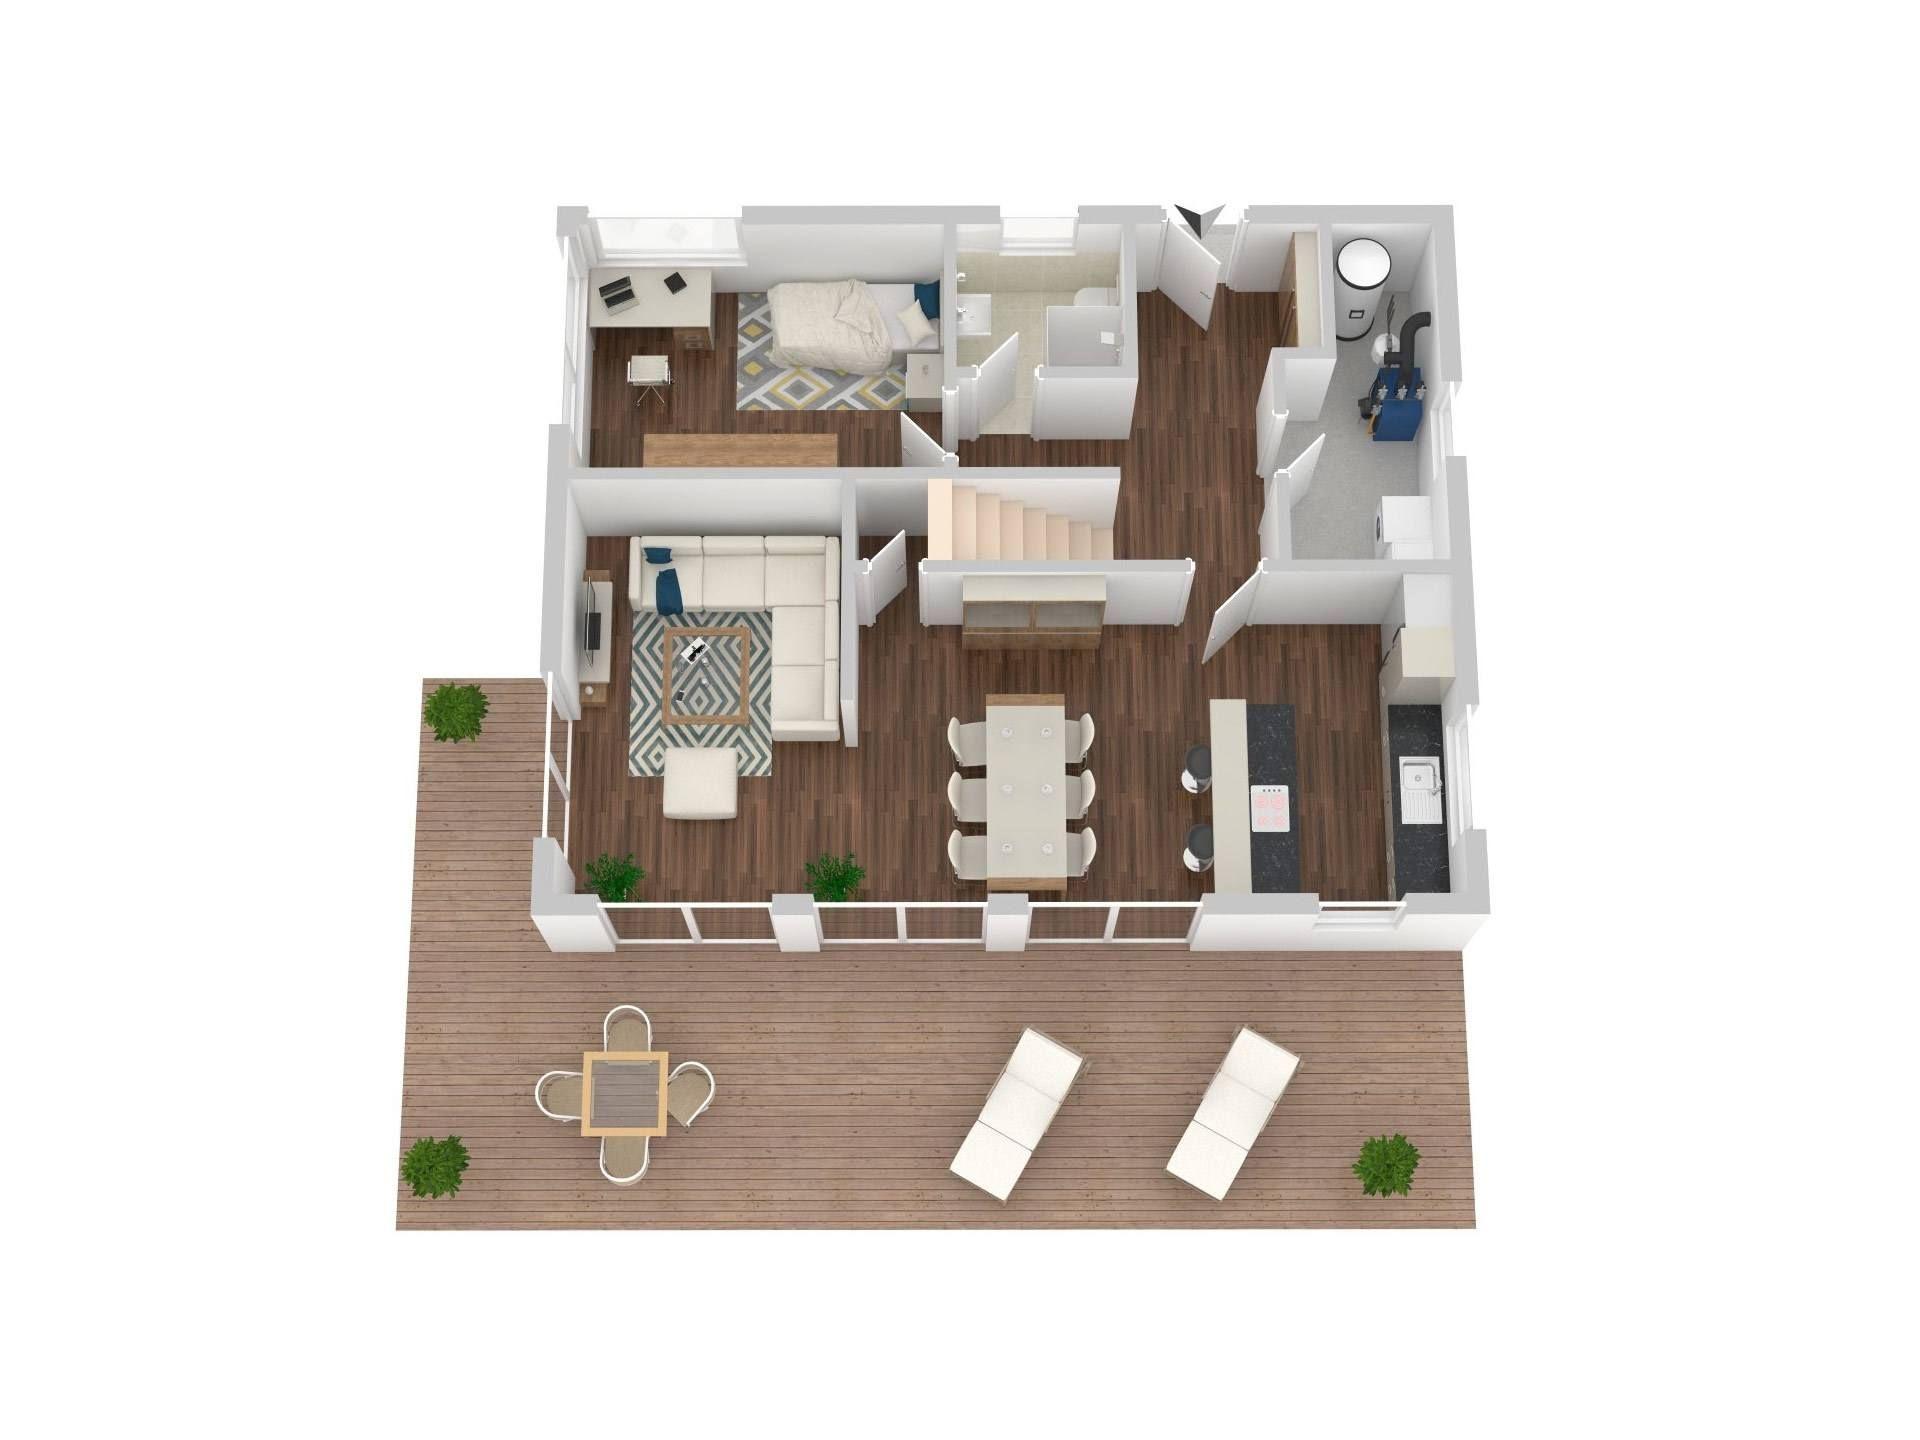 Einfamilienhaus Chausseestraße 148 | Haus Ideen | Einfamilienhaus ...